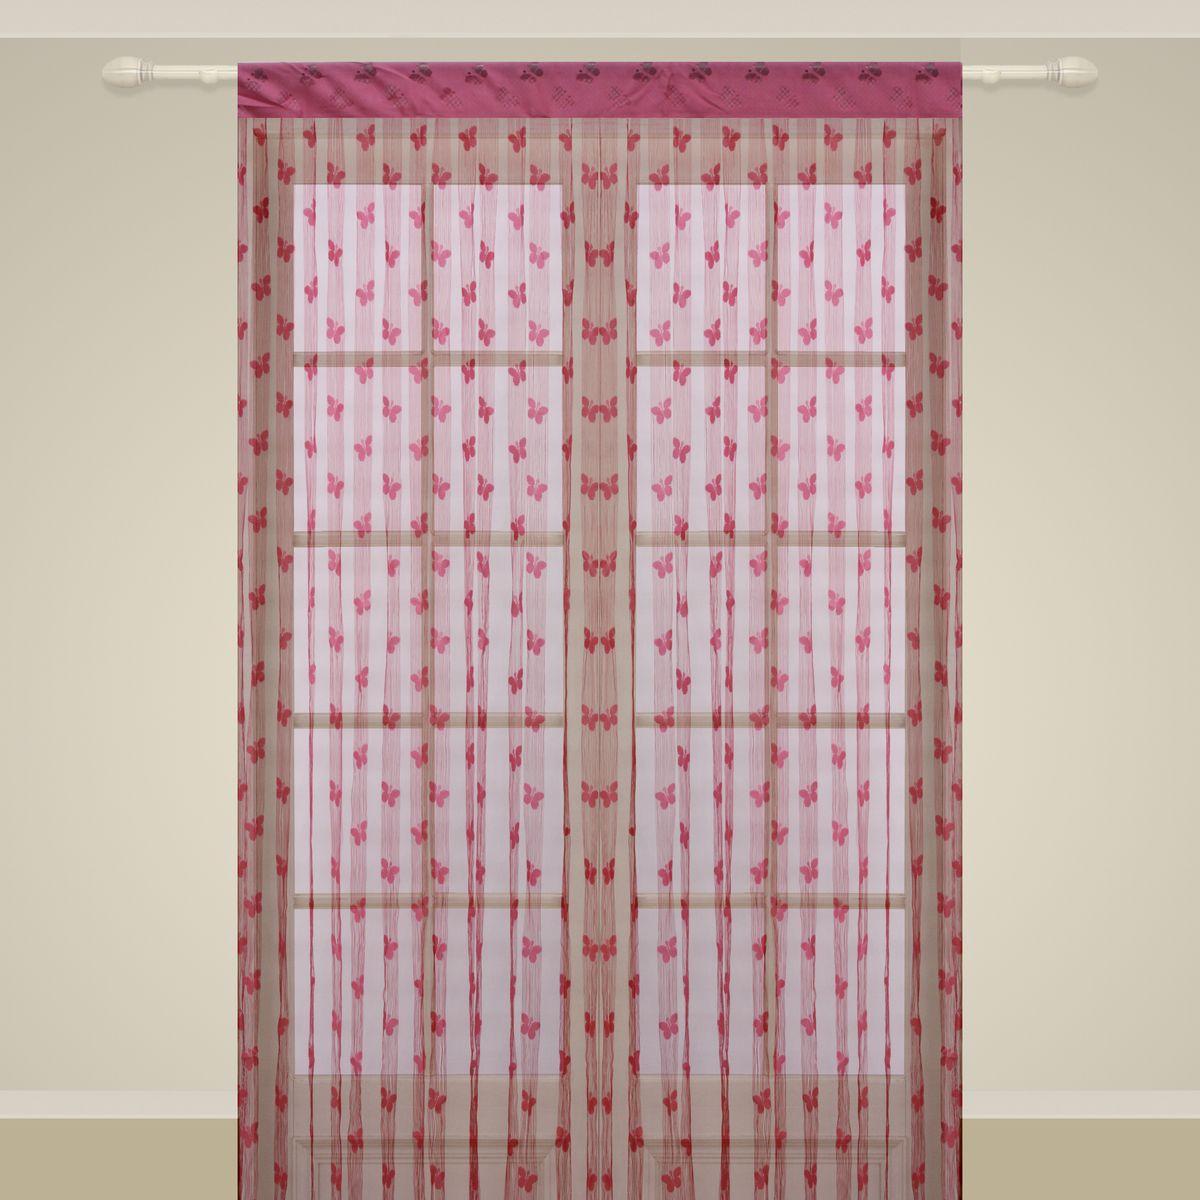 Штора нитяная Sanpa Home Collection, на ленте, цвет: фуксия, высота 290 см. SP106 тюль sanpa home collection готовый тюль